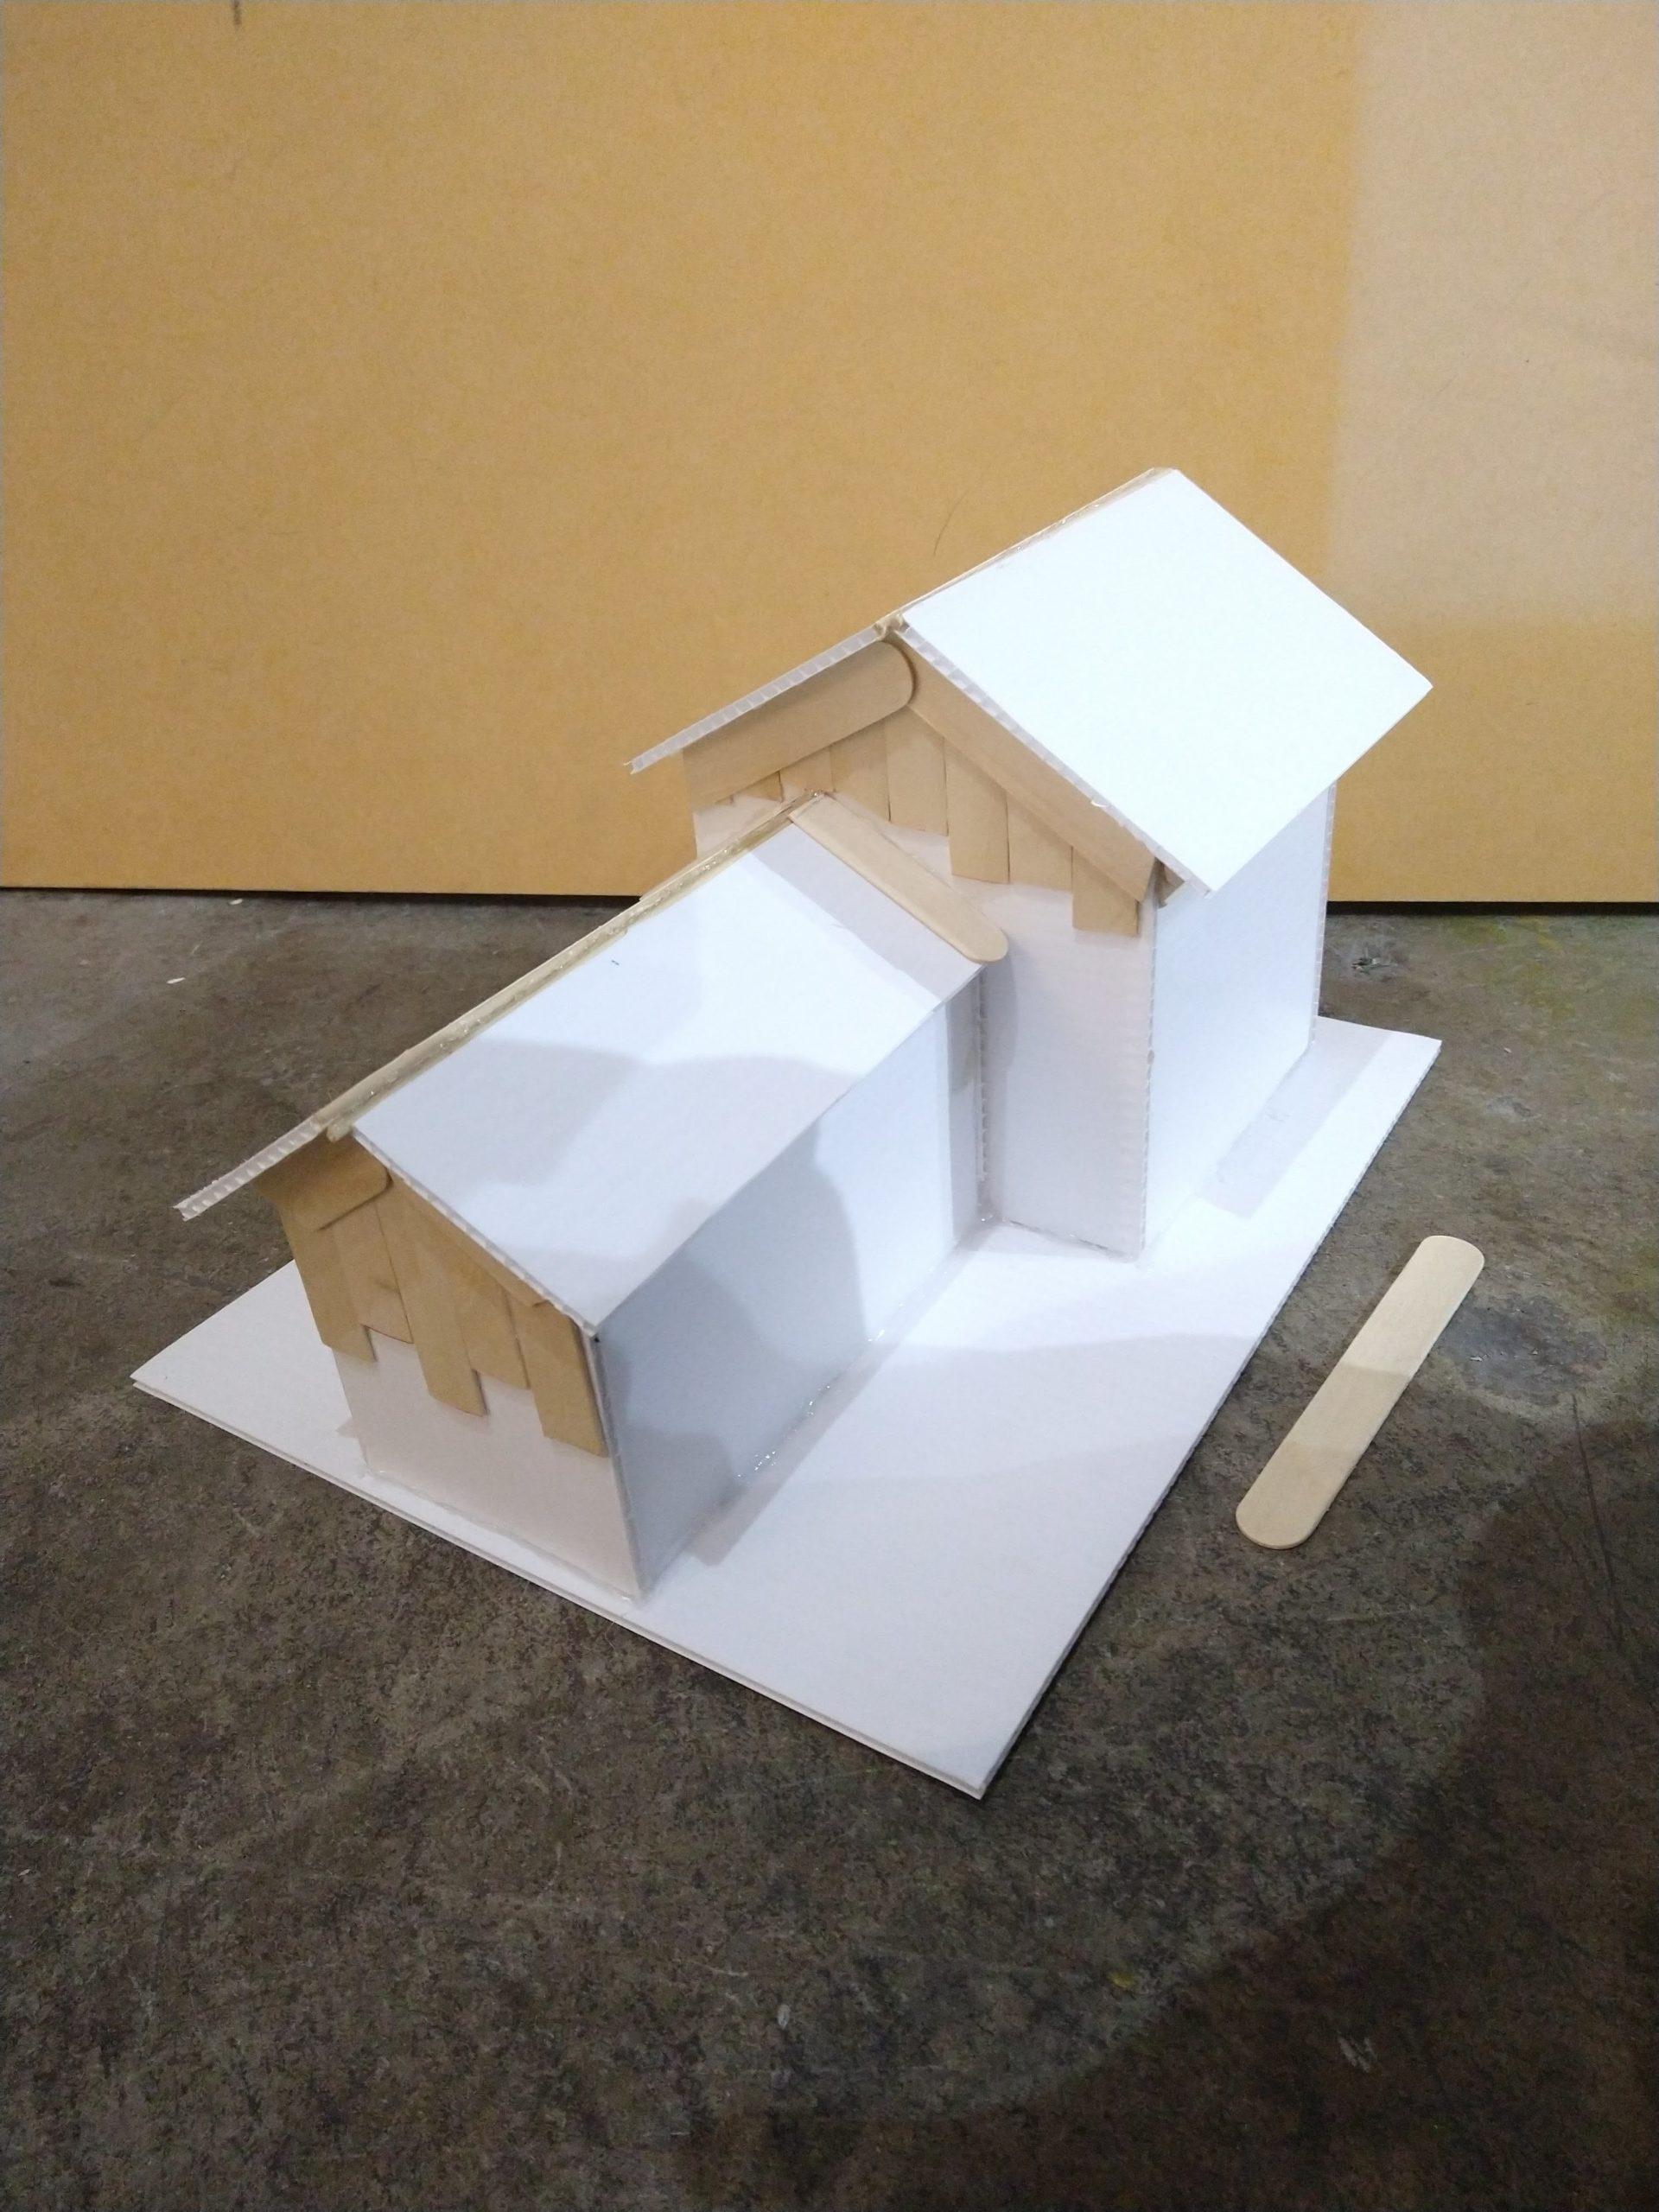 handmade model house